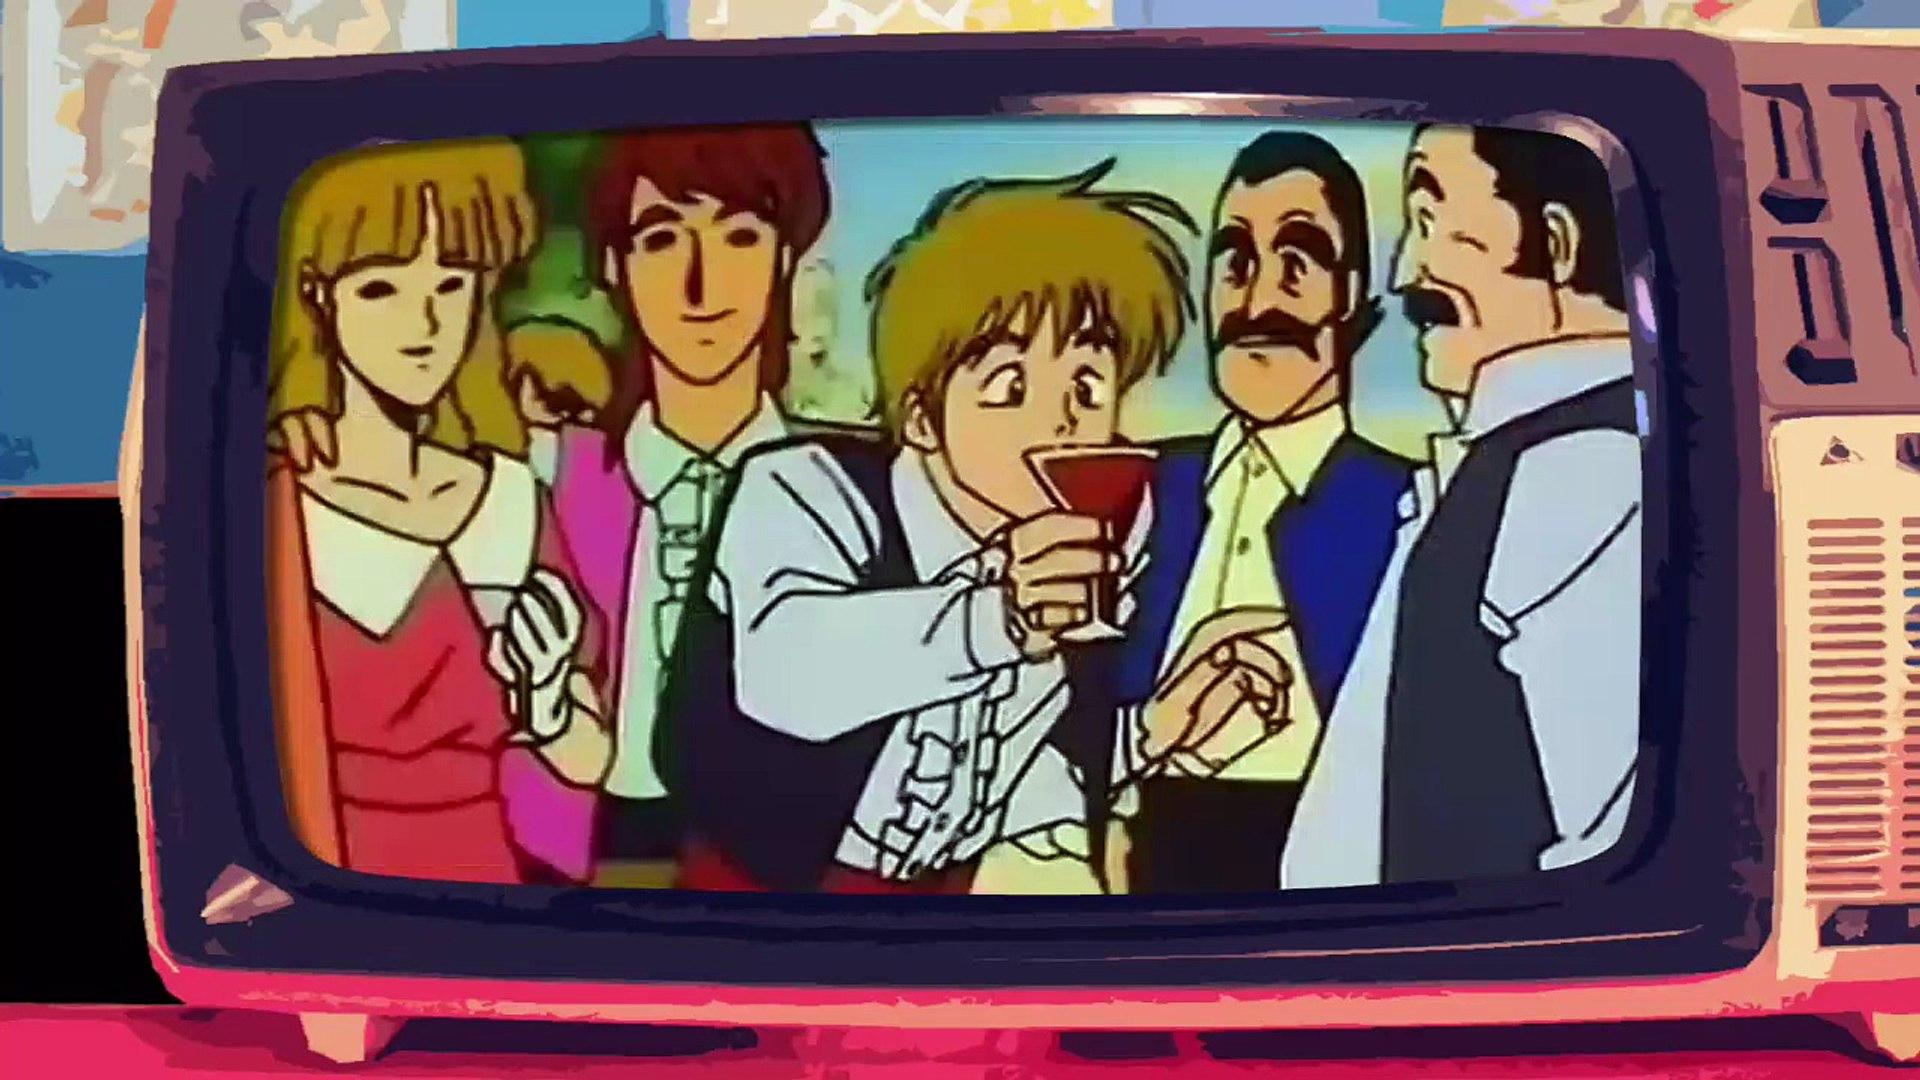 La leggenda di zorro videosigle cartoni animati in hd sigla